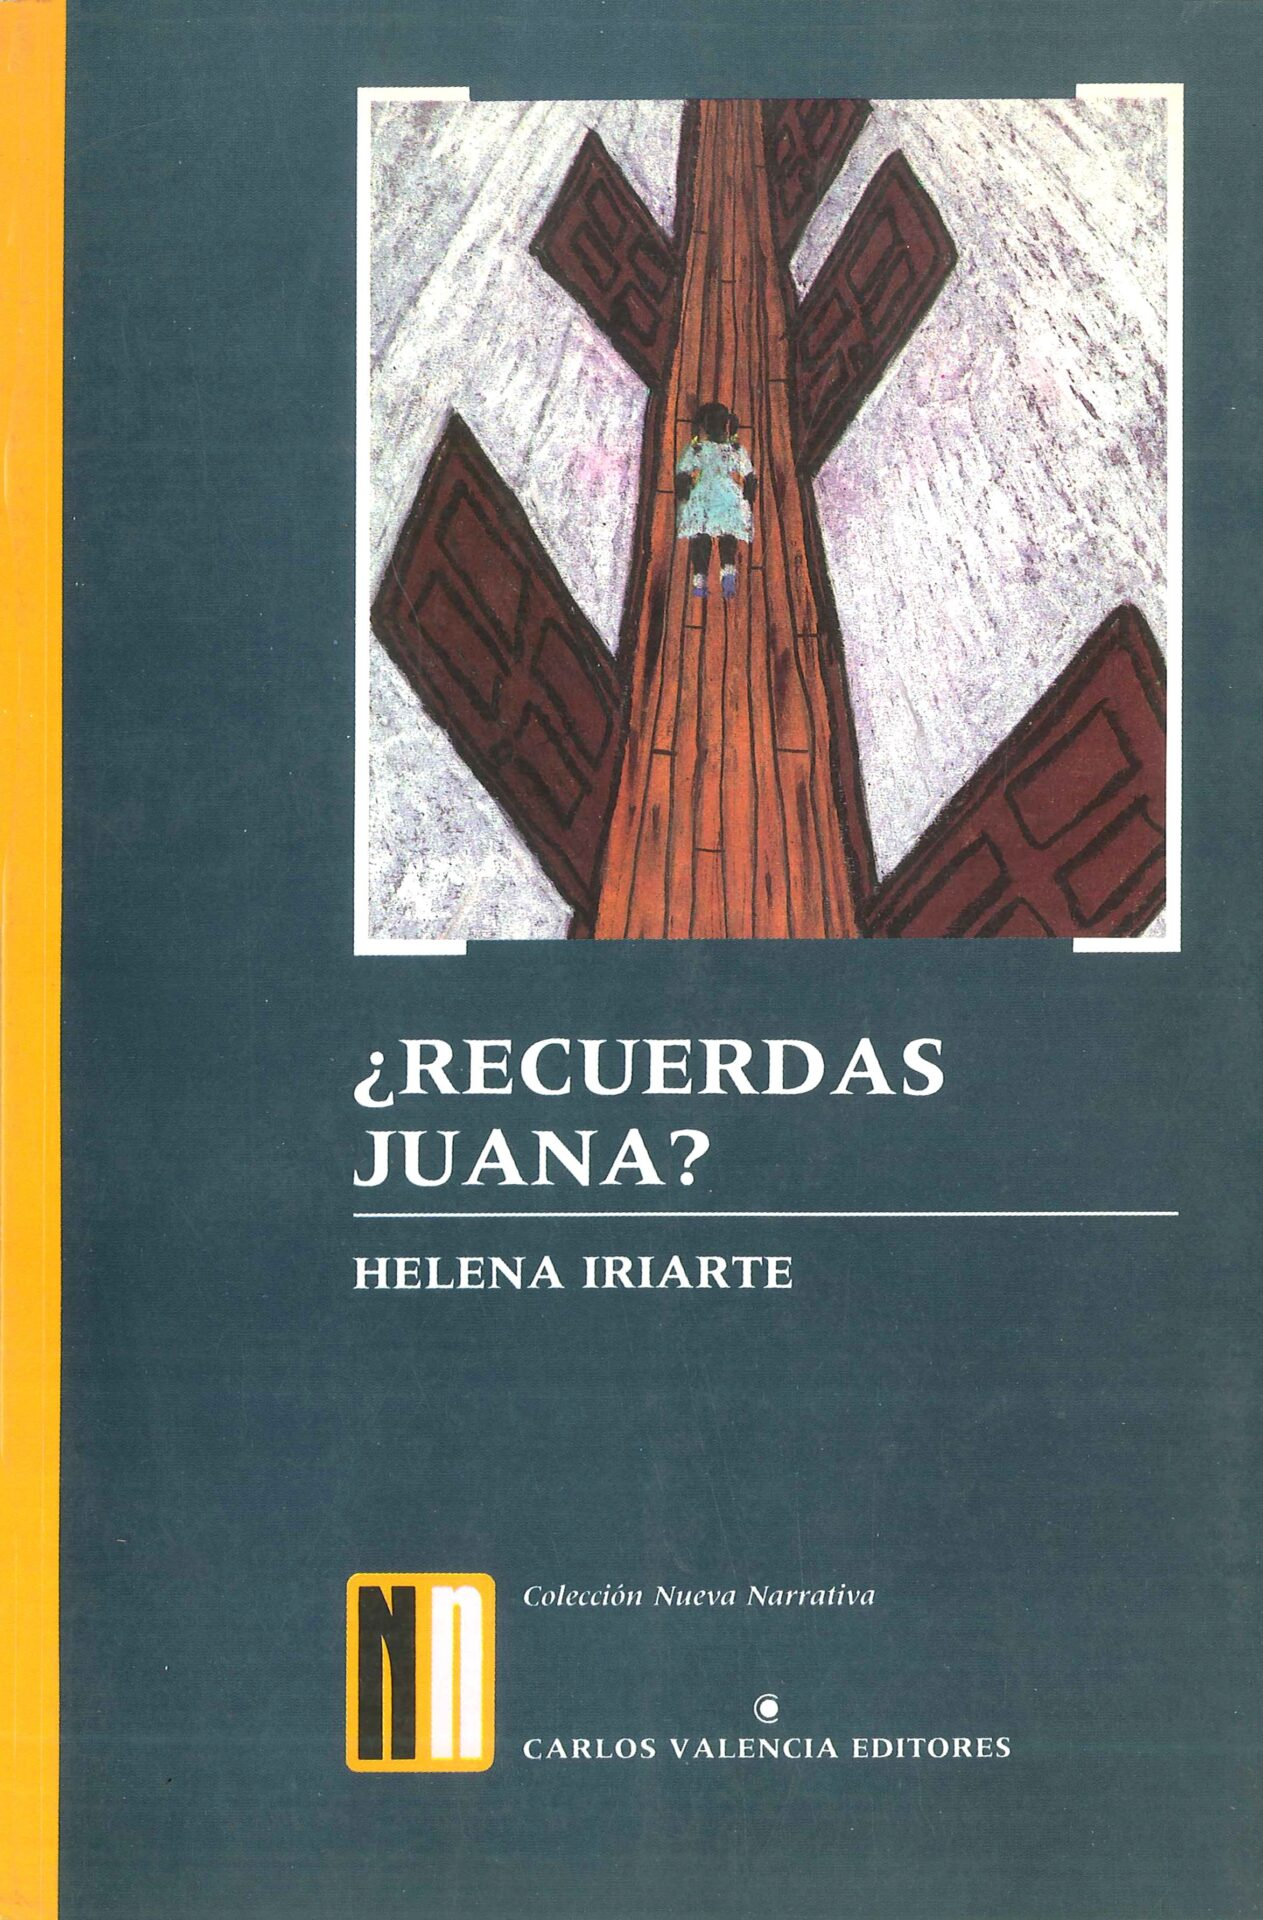 Iriarte. Helena. Recuerdas Juana. Bogota. Carlos Valencia Editores. 1989